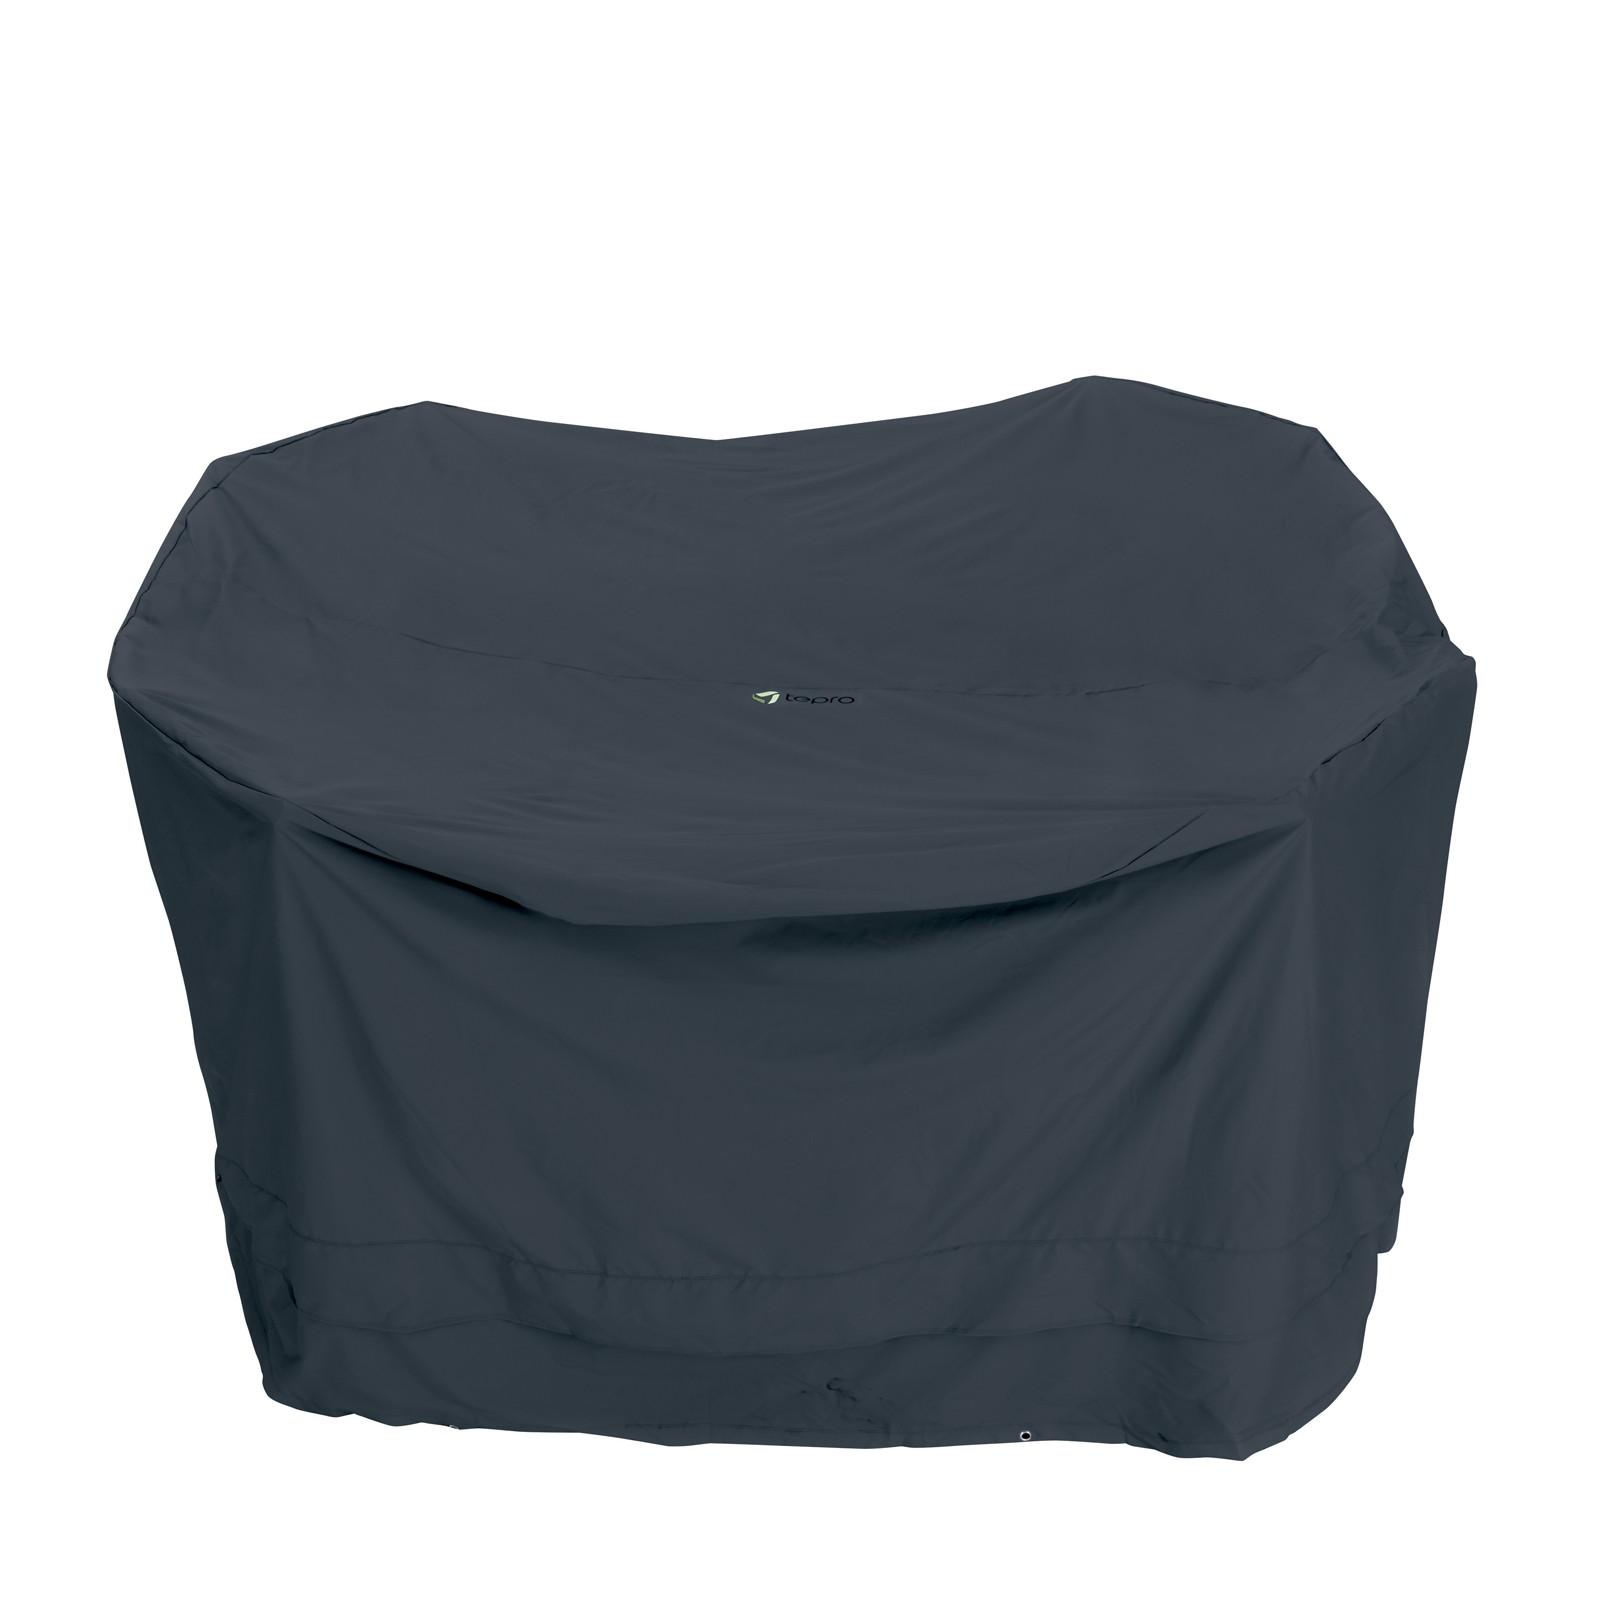 tepro abdeckplane schutzh lle klein f r gartenm bel. Black Bedroom Furniture Sets. Home Design Ideas